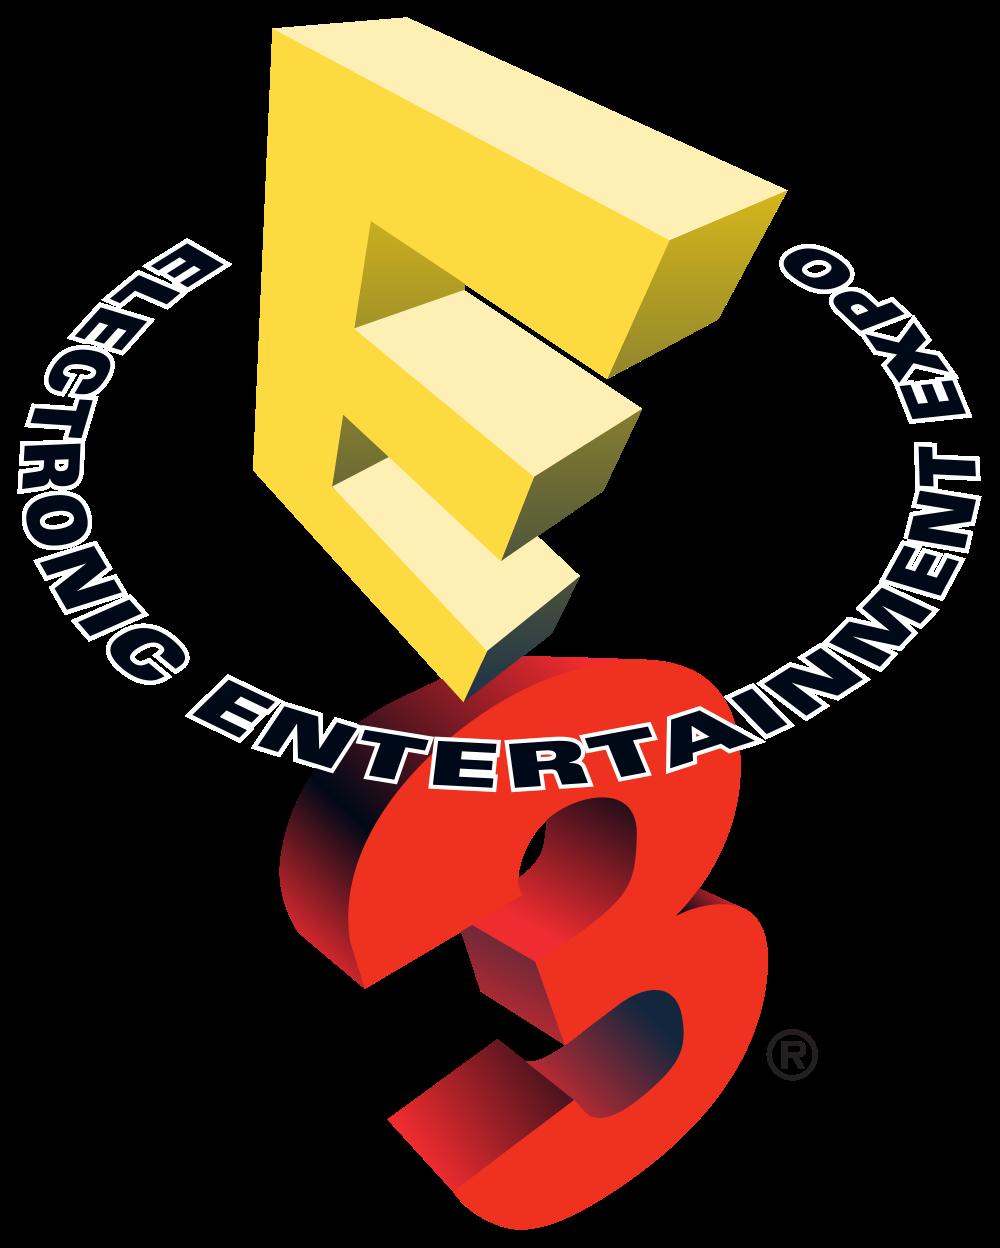 E3 Logo تاریخچه E3 | نمایشگاه سرگرمی های الکترونیکی